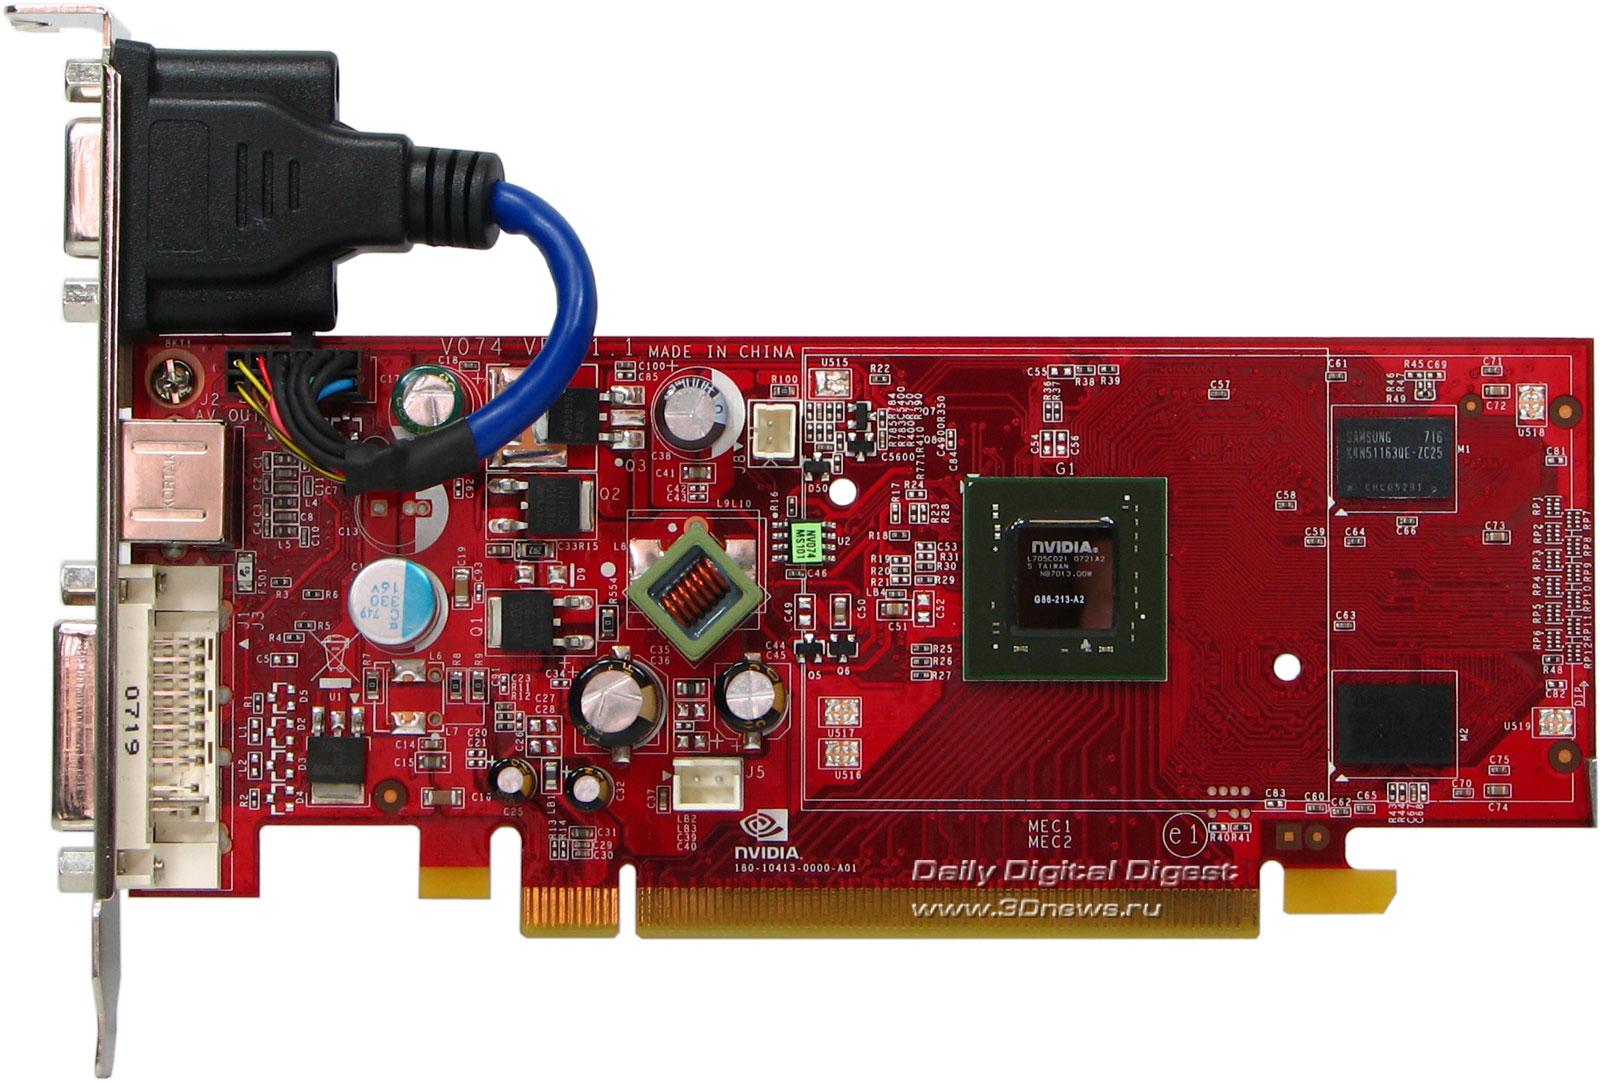 скачать игровой аудио драйвер для видеокарты джифорс 8500